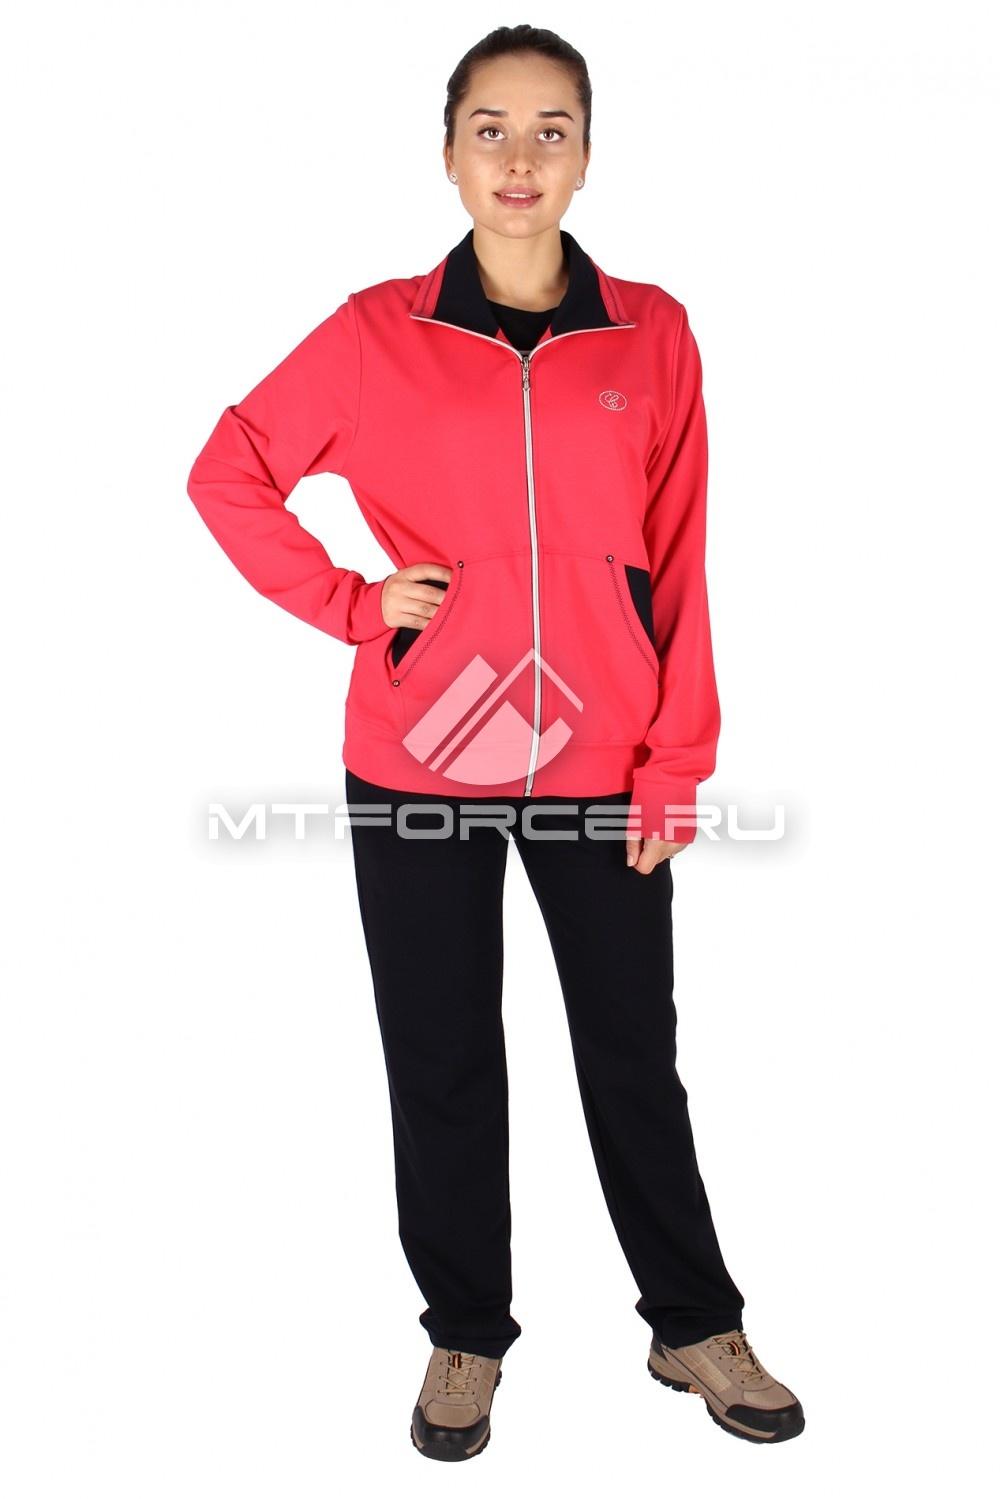 Купить                                  оптом Спортивный костюм женский большого размера персикового цвета 0021P